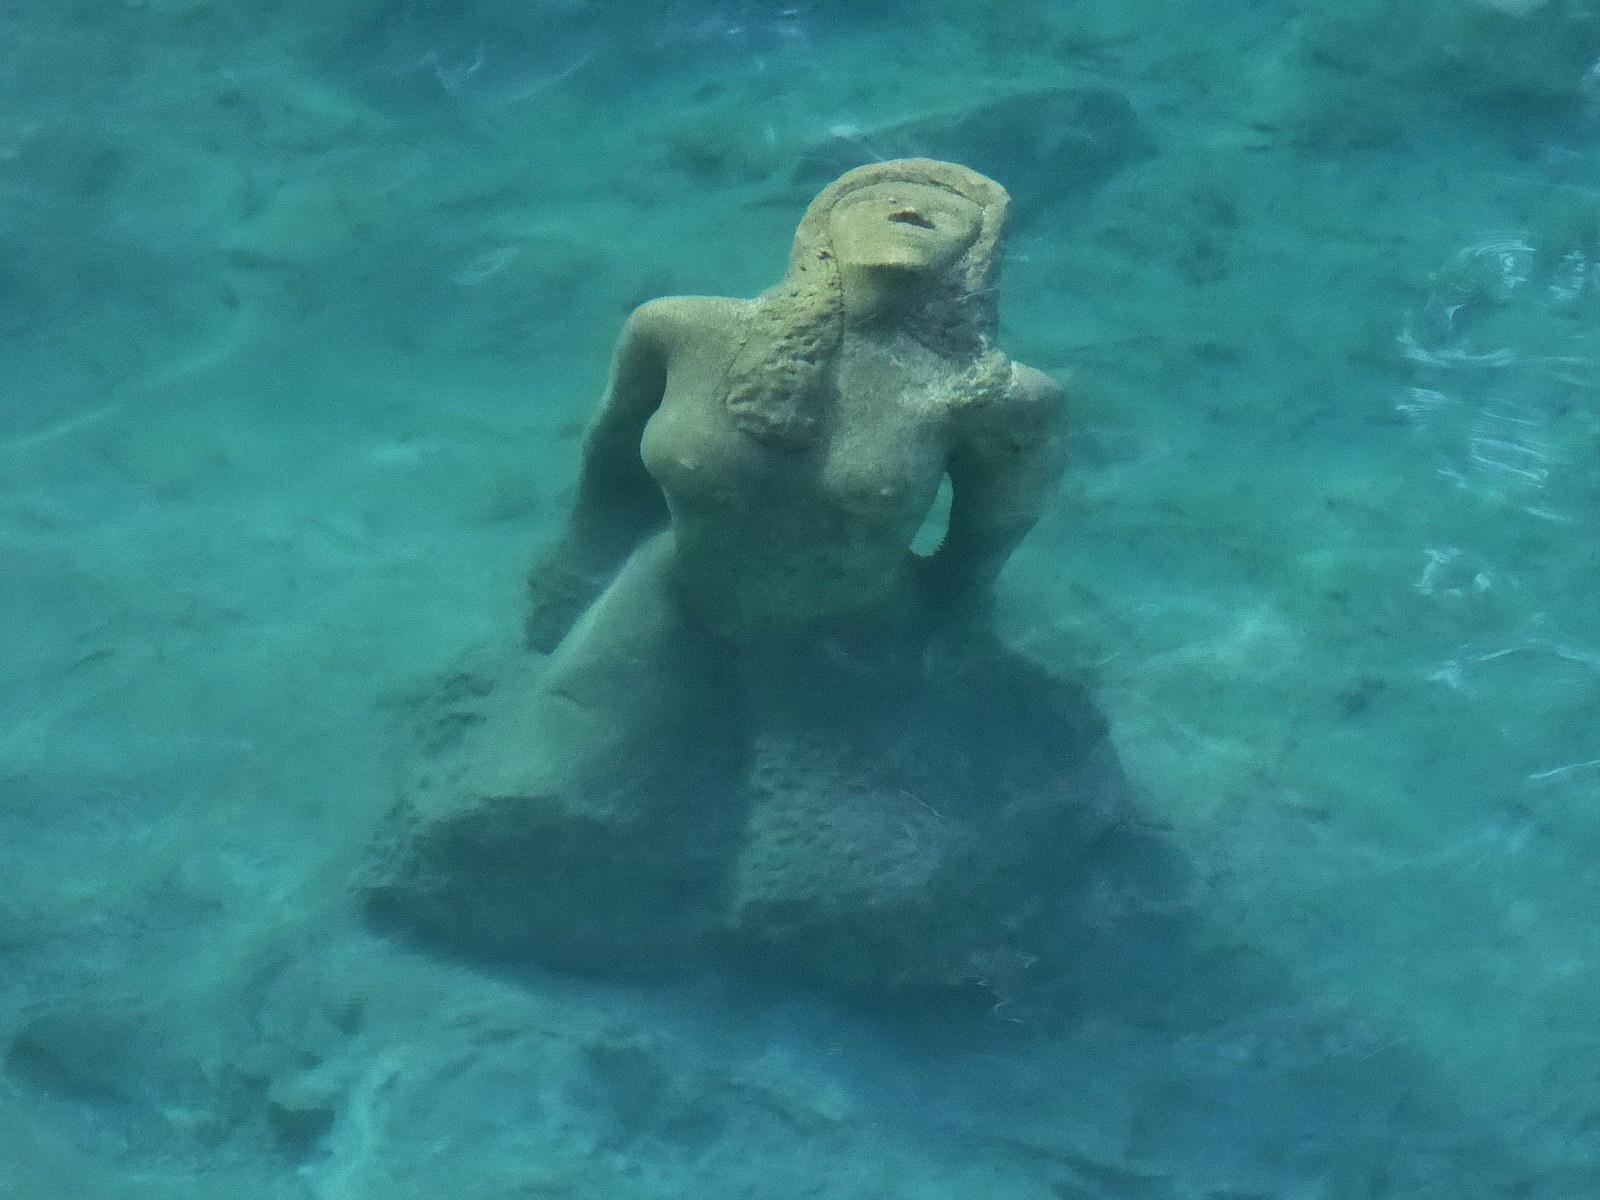 Beim Blausee Tauchen Statue entdeckt